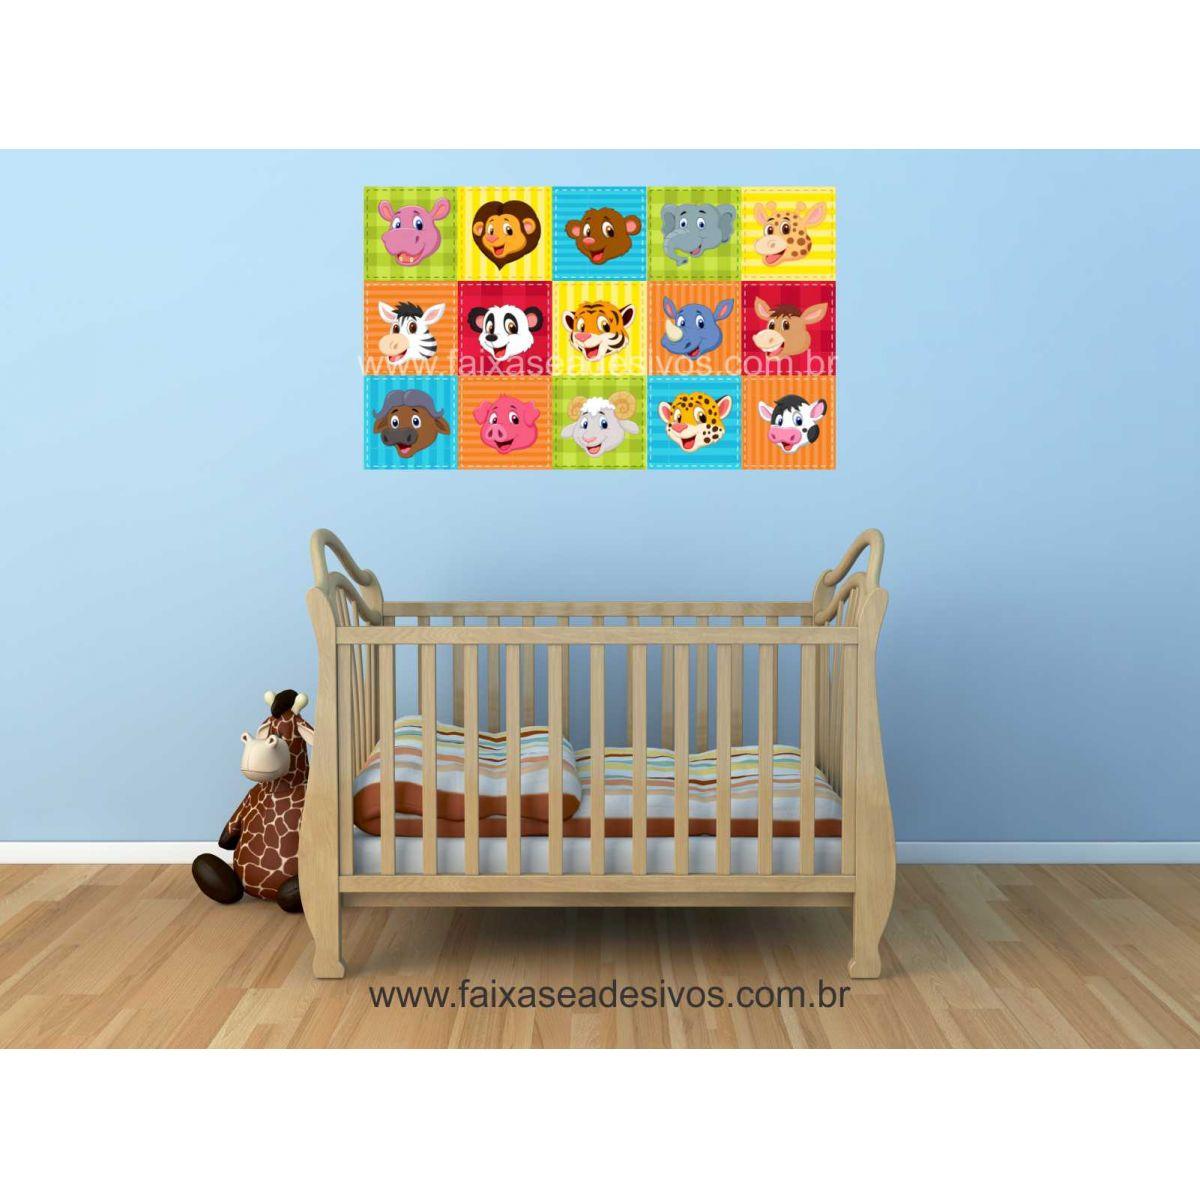 Artesanato Valença Rj ~ Adesivo Decorativo de Parede Infantil Cores 1,20×0,70m P104 FAC Signs Impress u00e3o Digital